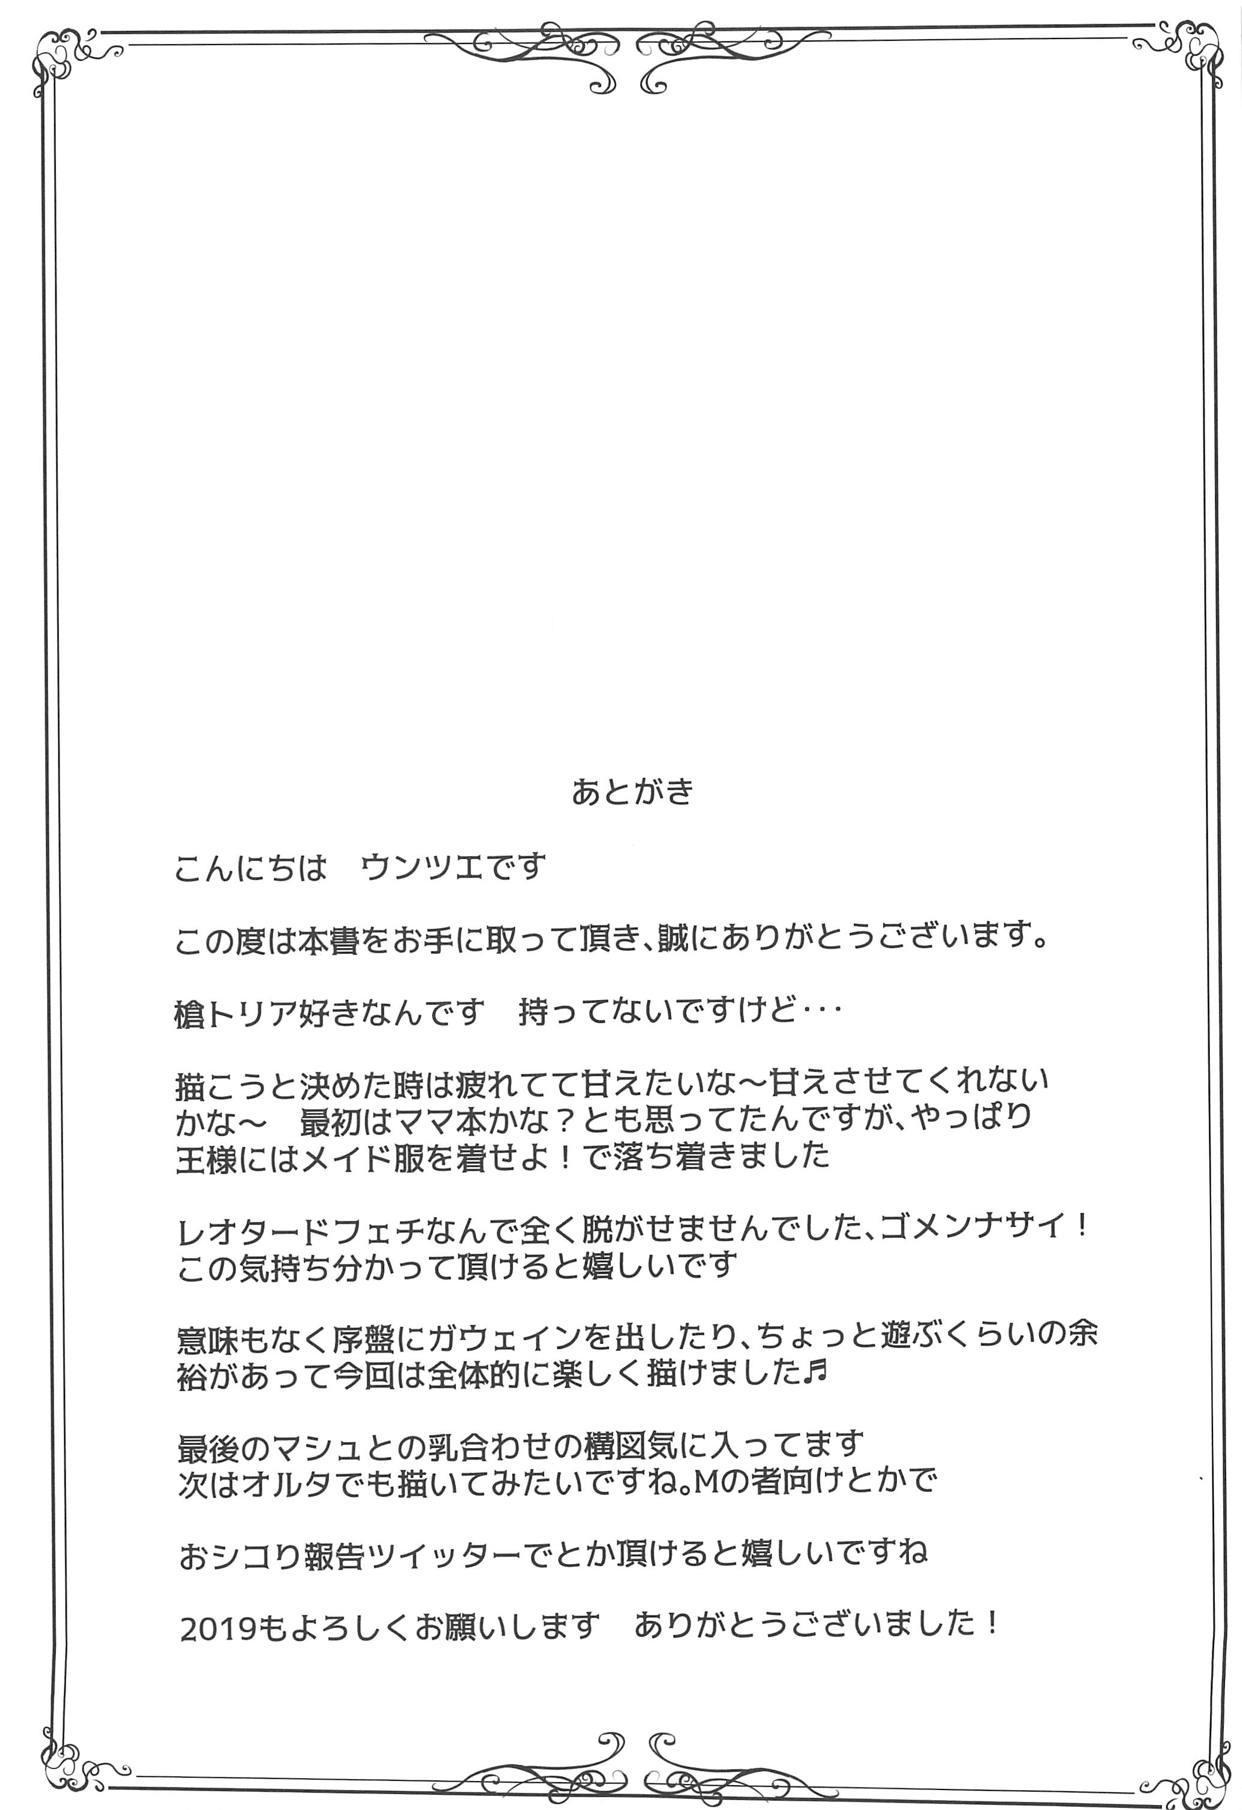 Chichiue Maid Gohoushi Kyouka Quest 23